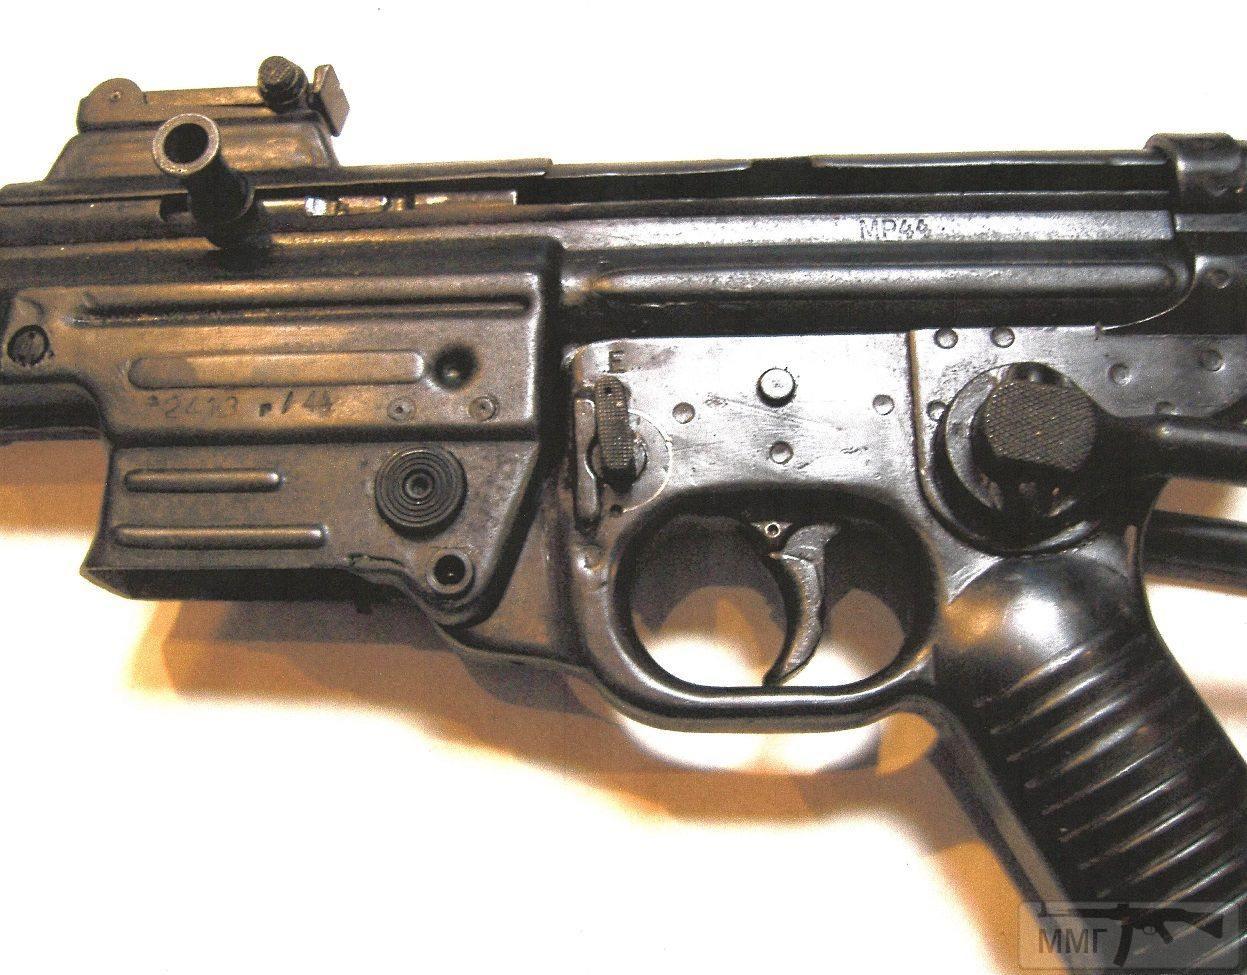 98113 - Sturmgewehr Haenel / Schmeisser MP 43MP 44 Stg.44 - прототипы, конструкция история